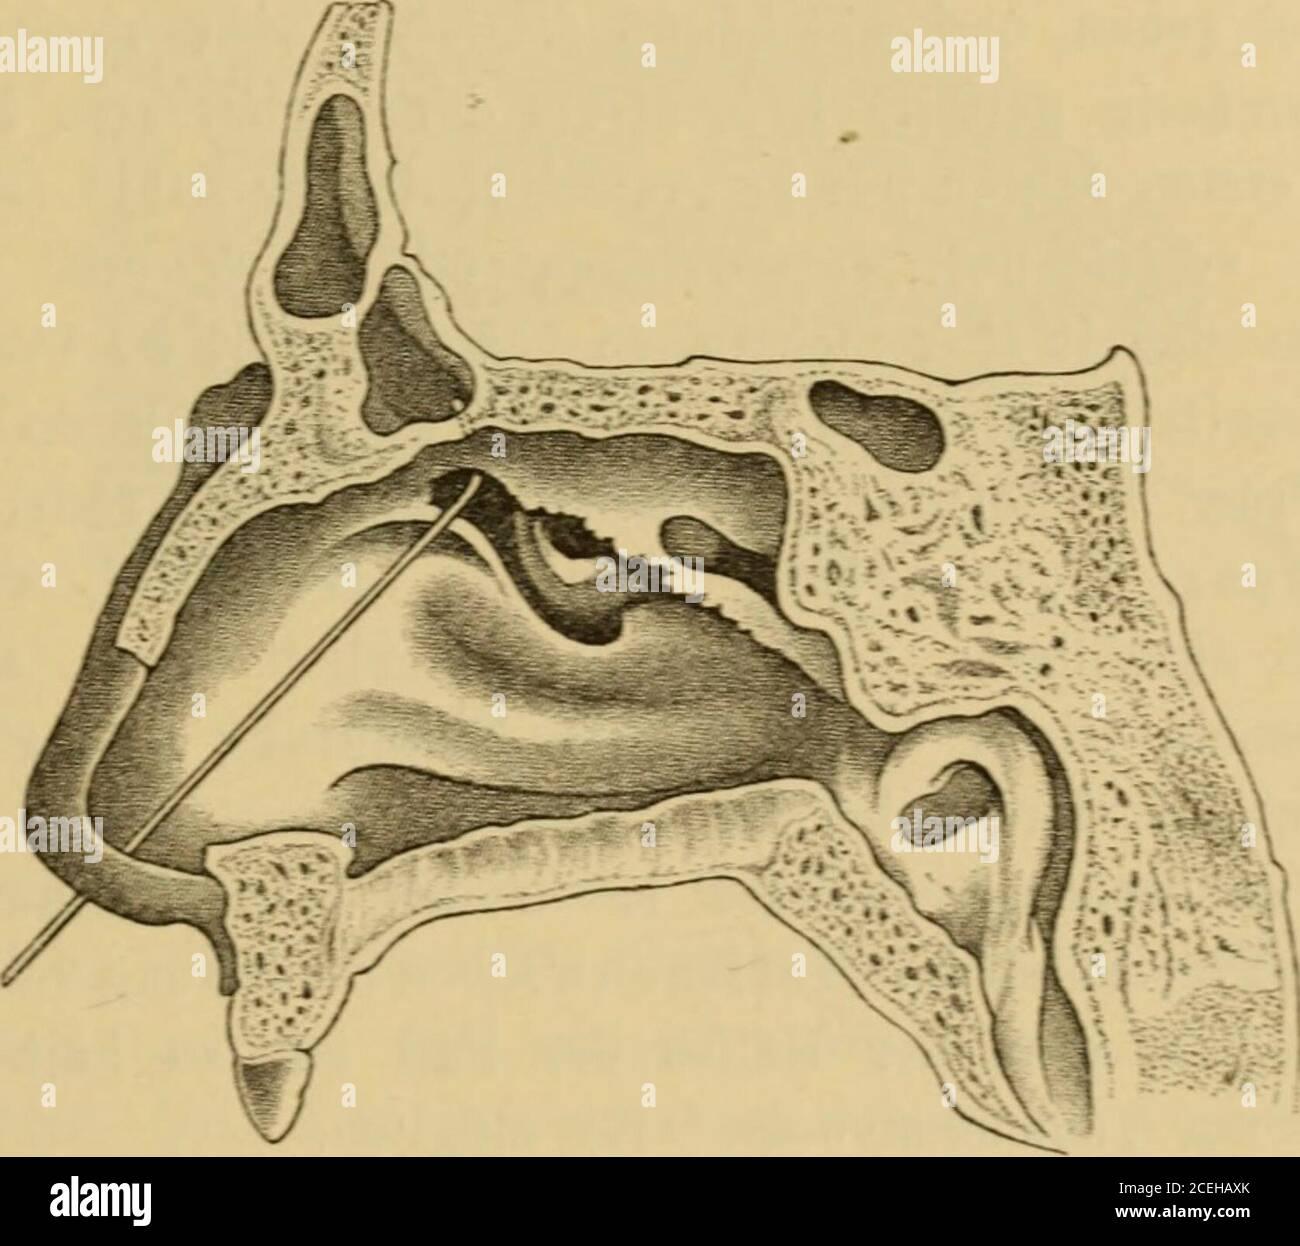 . Handbuch der Laryngologie und Rhinologie ... gte Kichtung zugeben, sondern C hole was 212 Vorschrift zu befolgen: zuerst mitder ganzen Sonde etwas in die Höhe zu gehen und dann erst den Griff Die Untersuchunesmethjden und ihrer Nebenhöhlen. 2±1 zu senken. Derselbe Autor hat im Gegensatz zu Hansberg, welcher,um sieh nicht in die Siebbeinzellen zu verirren, die Sonde mehr nachder Mittellinie dreht, auf anatomische Verhältnisse begründet, seinerle die oben erwähnte mehr lateralwärts gerichtete Krümmung gegeben.Ob die Sondierung wirklich gelungen, oder ob die Sonde nichtdoch in eine der Infundib Stock Photo